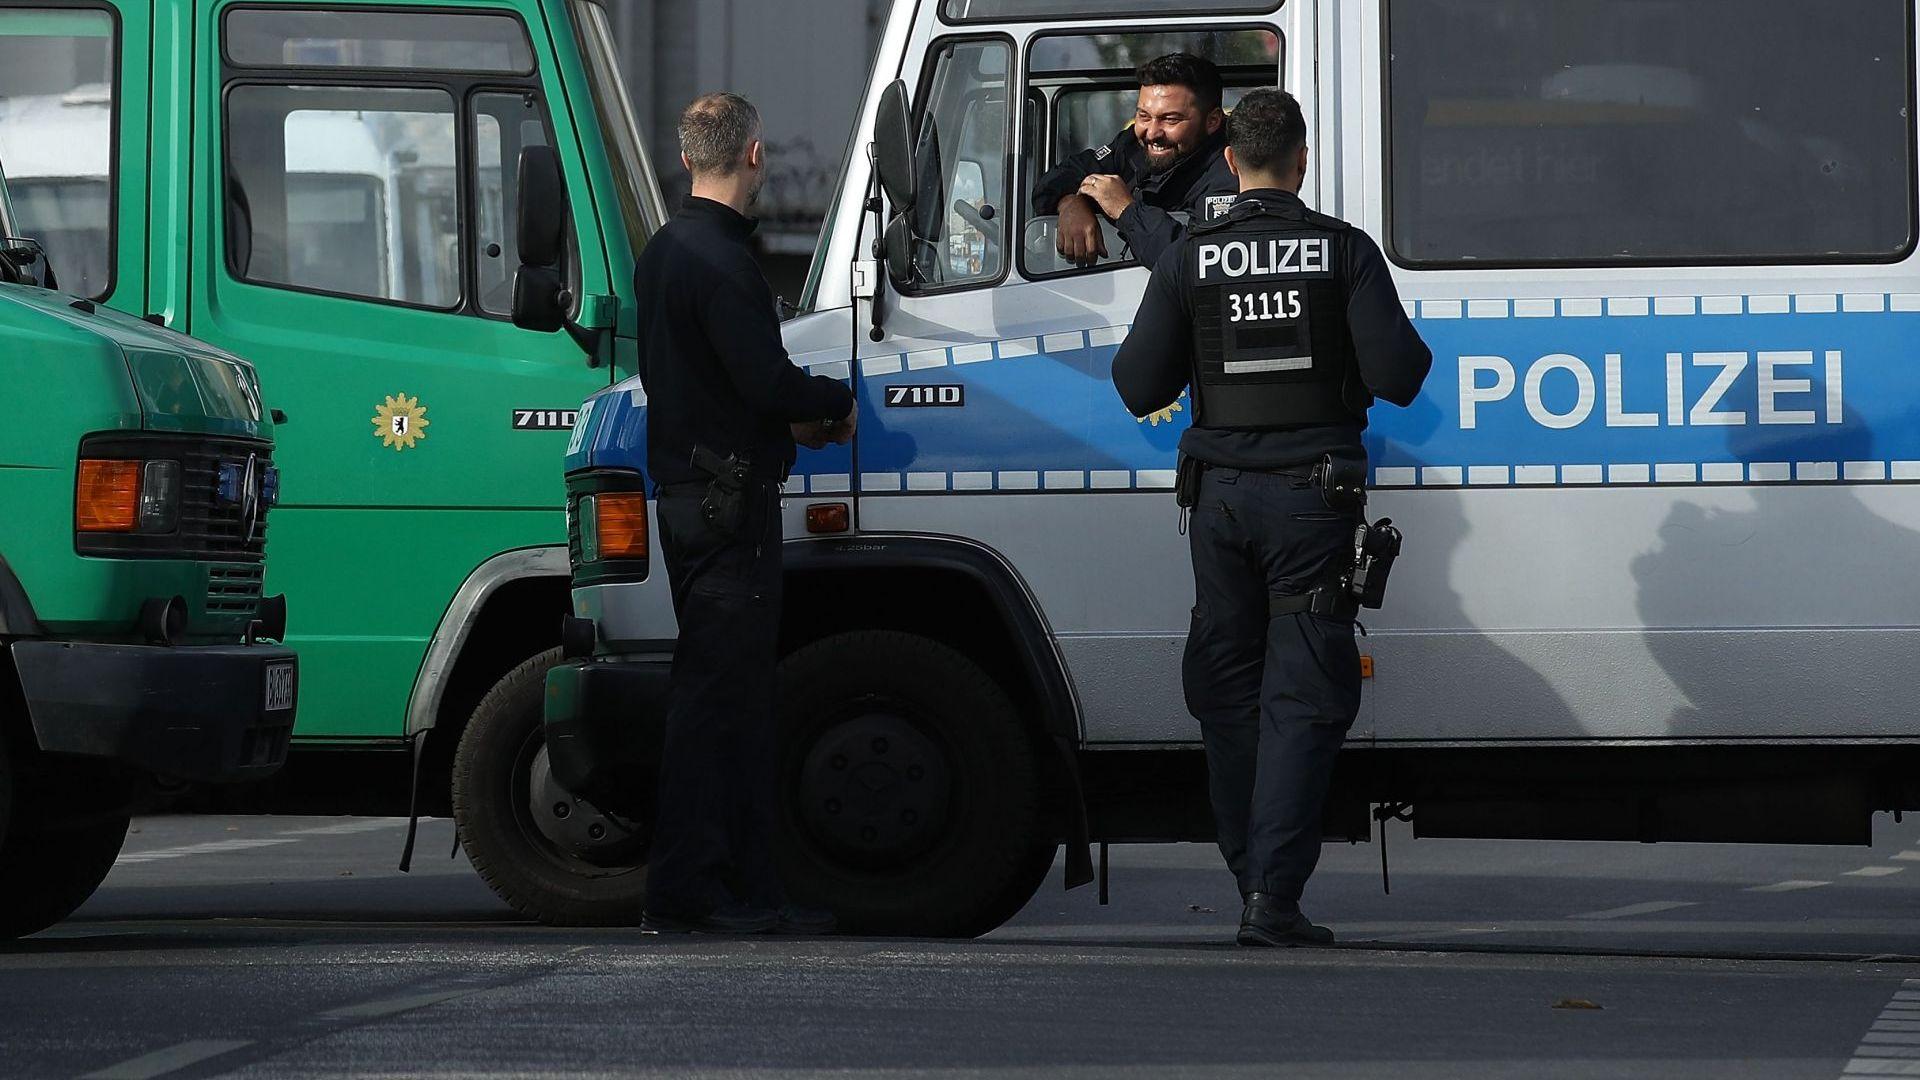 Германските власти обявиха, че са конфискували имущество на стойност 40